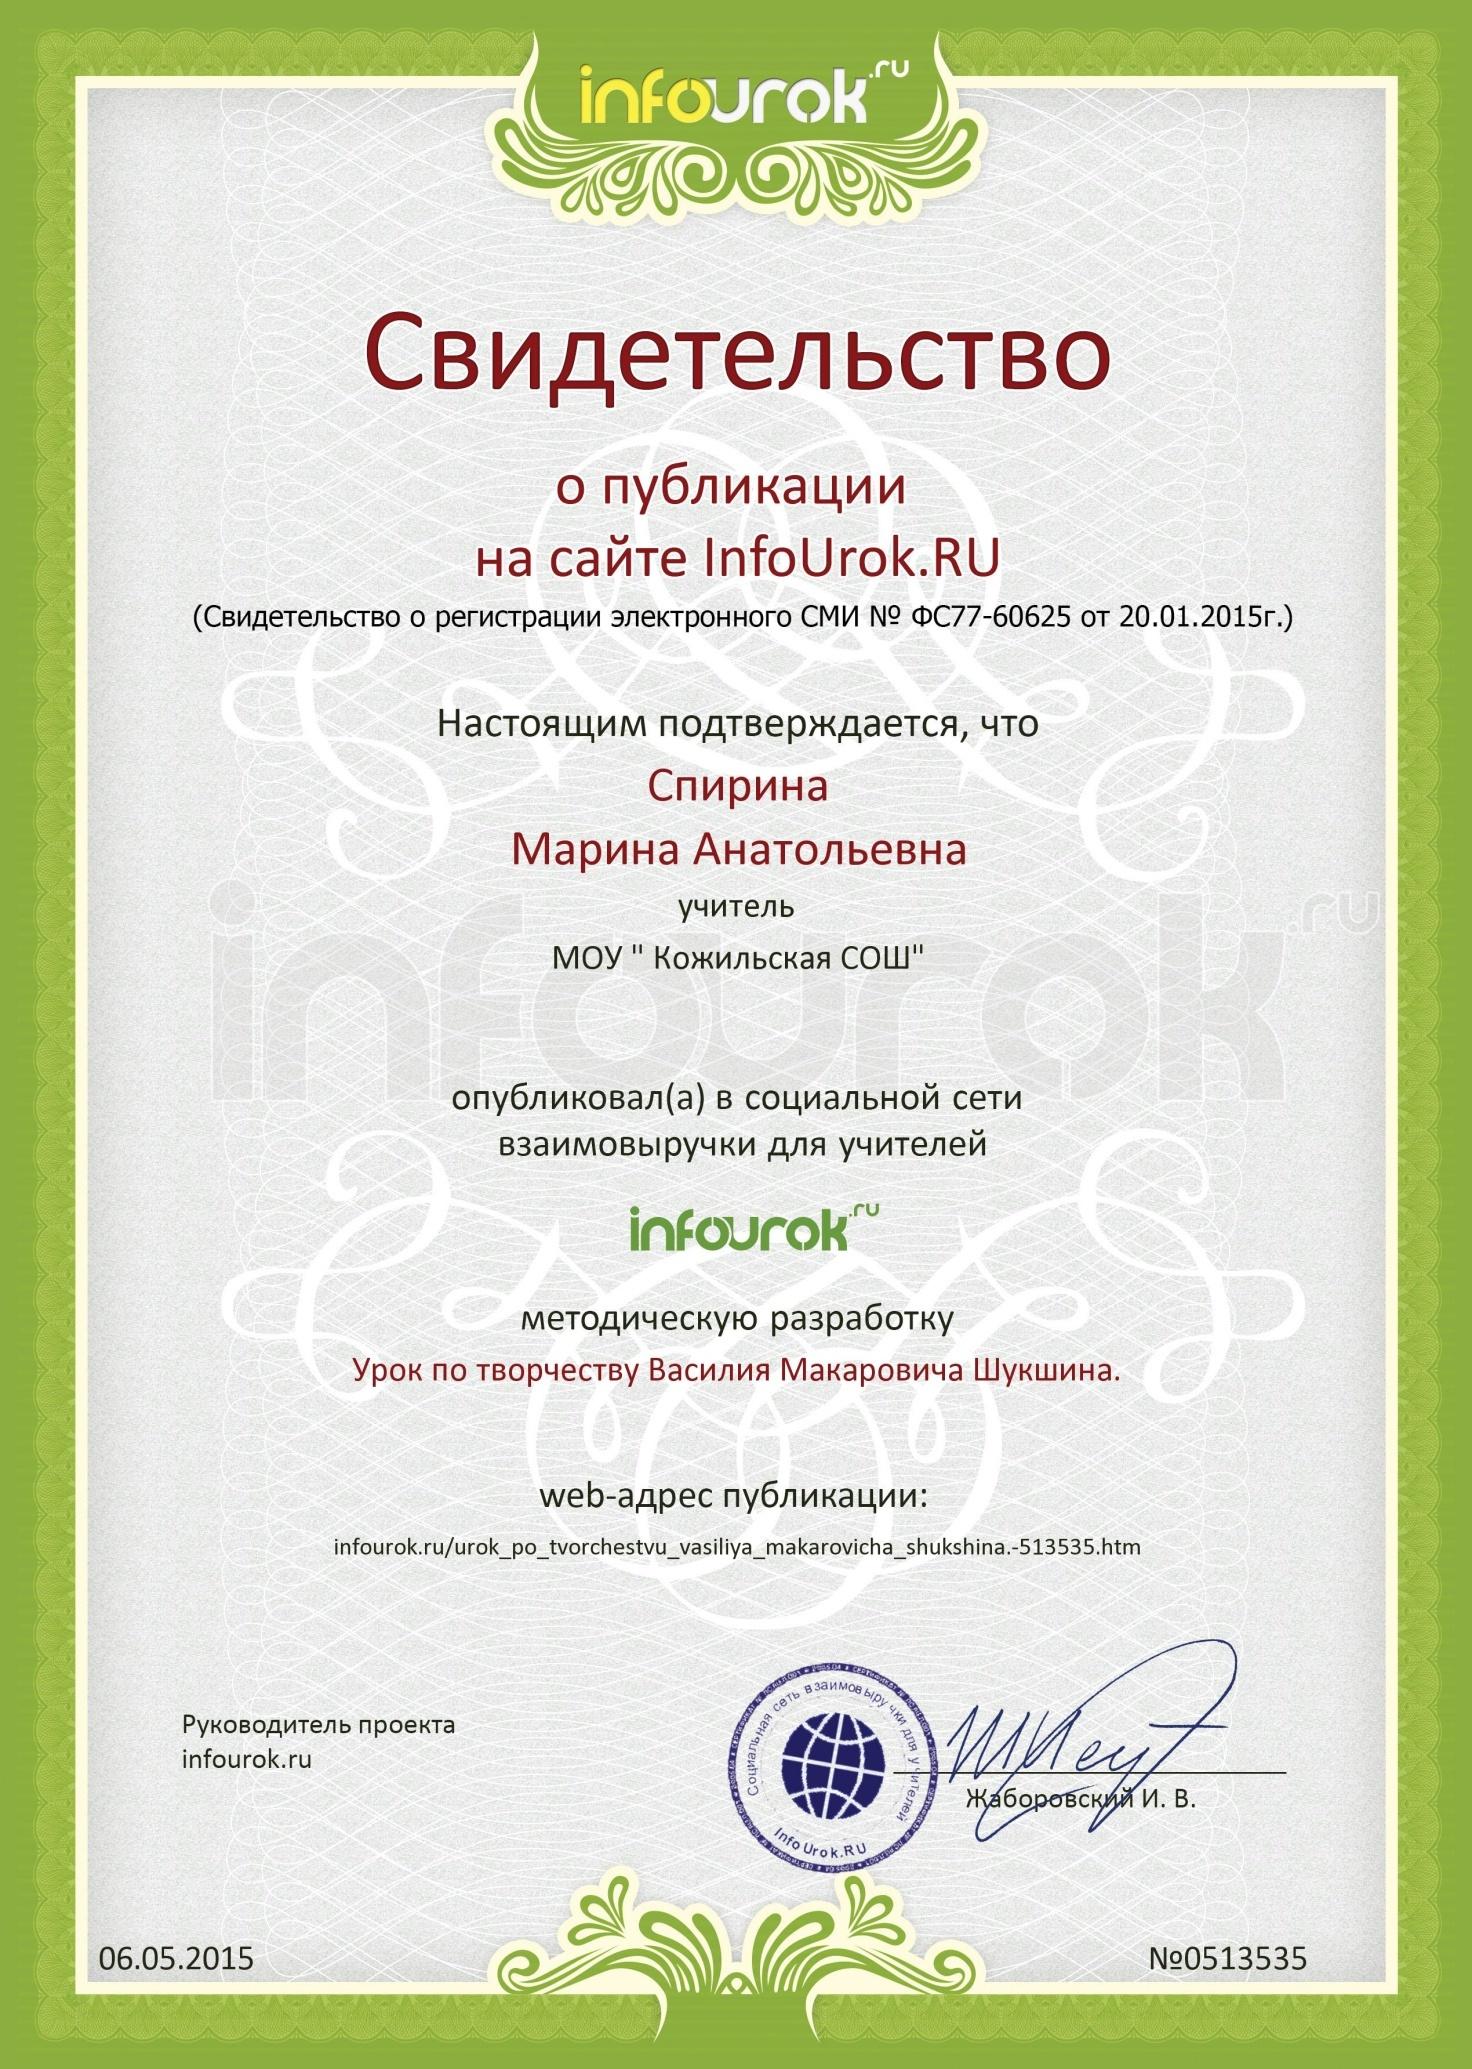 http://fs02.infourok.ru/file/0223-00014e2a-1d261046.jpg